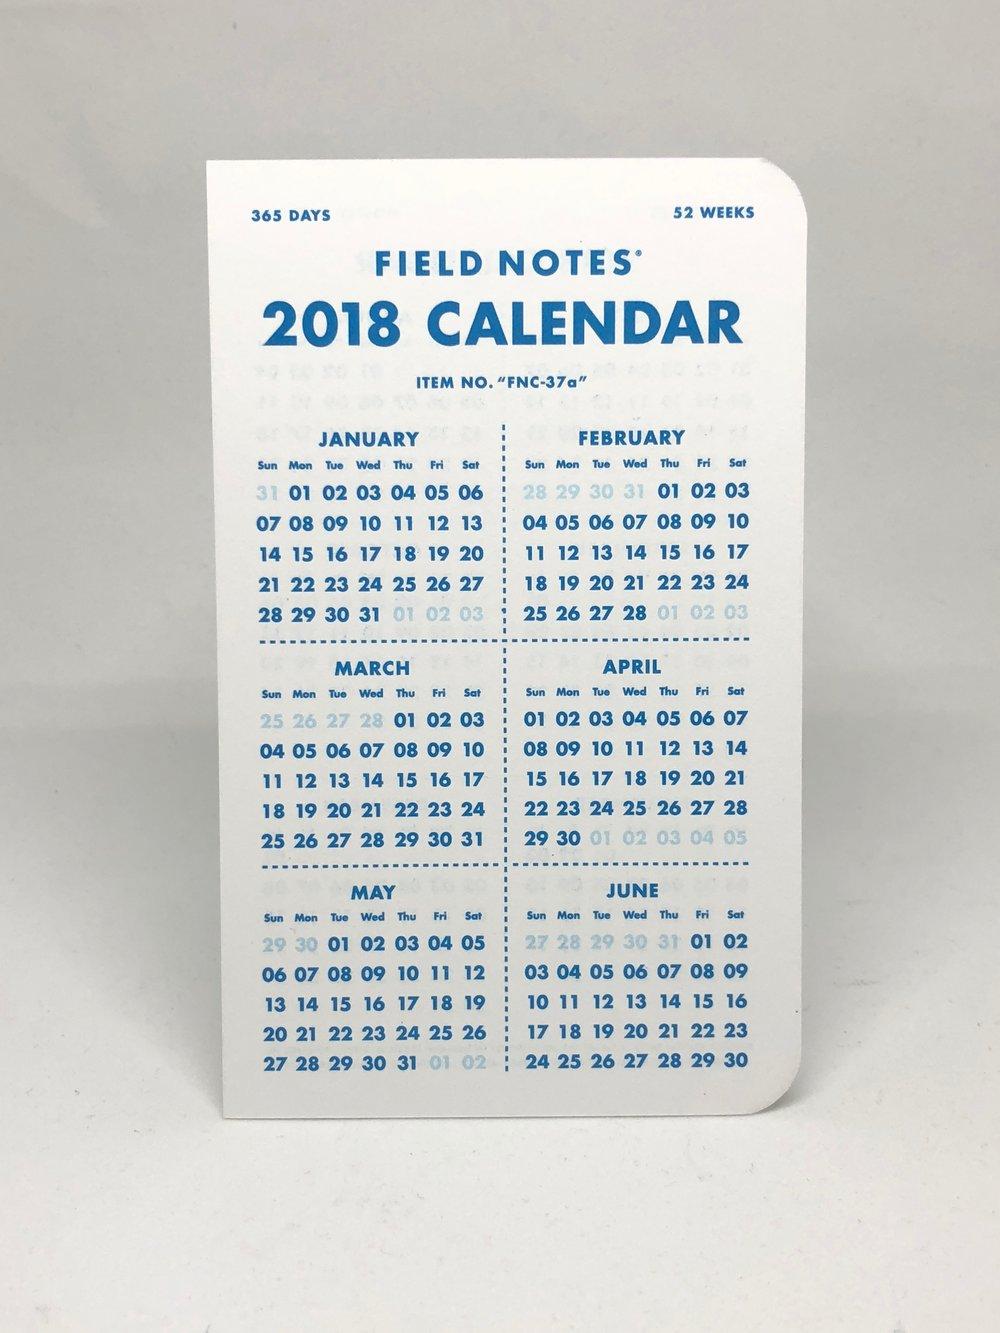 field-notes-resolution-5.jpg